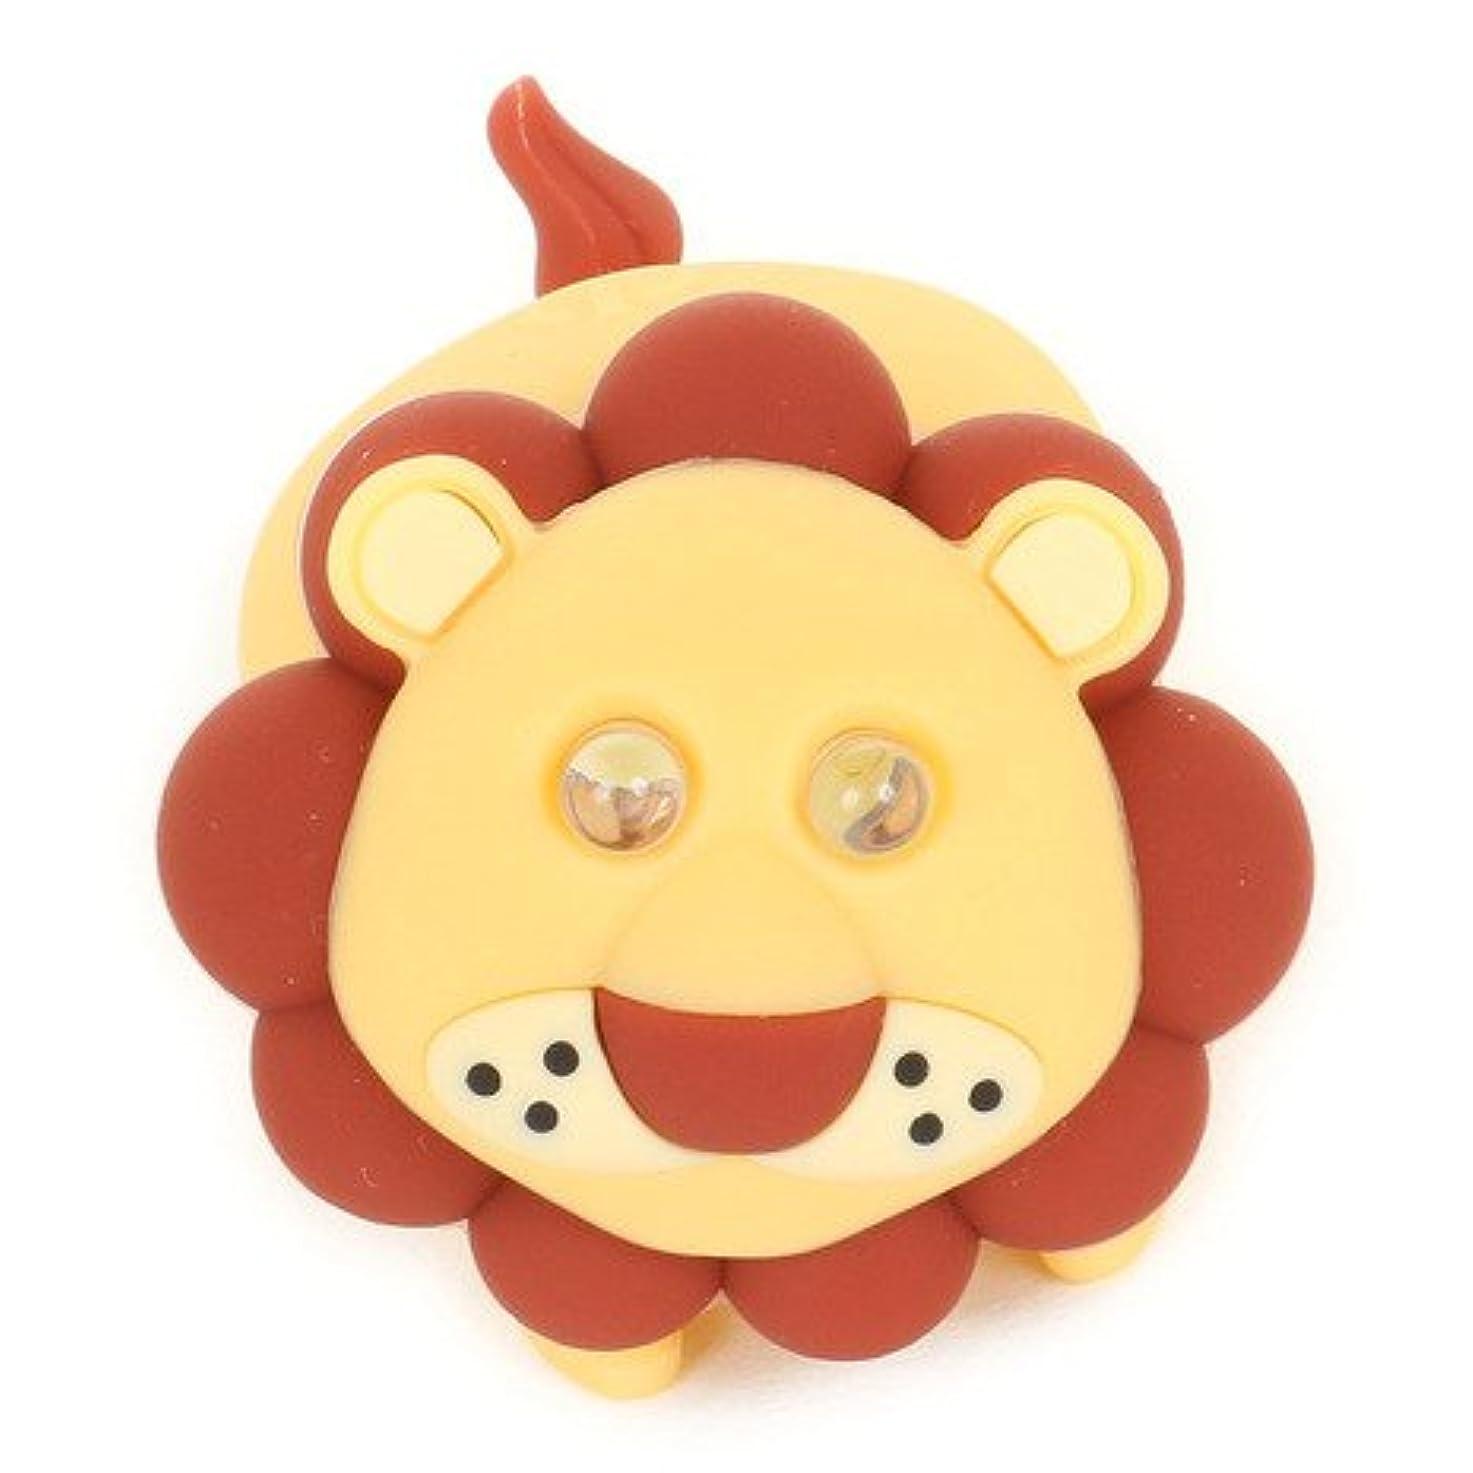 謎艶段階GIZA PRODUCTS(ギザプロダクツ) ズーニマルライト(ホワイトLED) ライオン